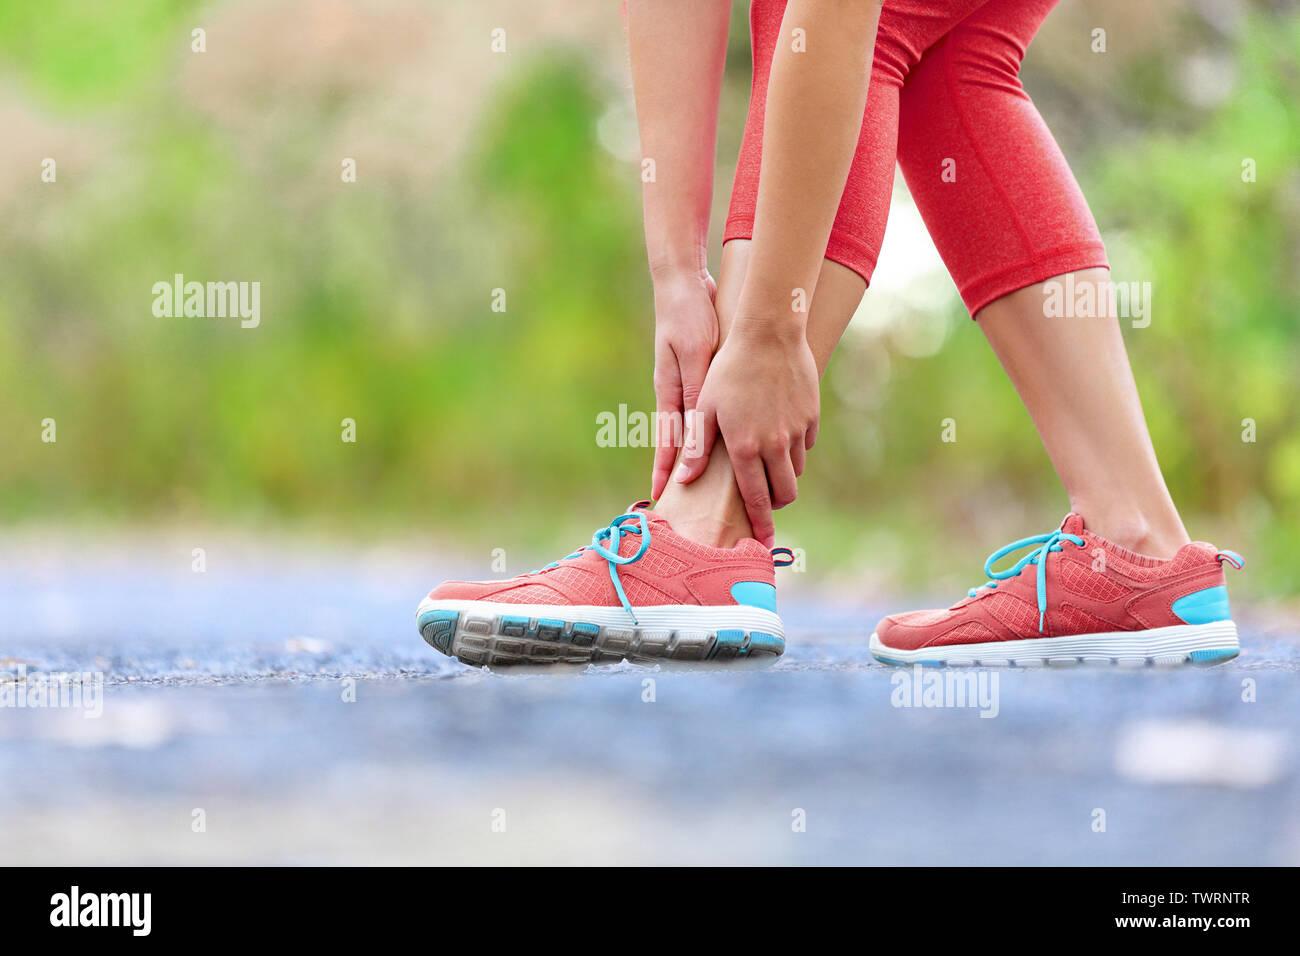 Fracture de la cheville tordue - exécution des blessures sportives. Coureuse de toucher le pied dans la douleur à cause de l'entorse de cheville. Banque D'Images